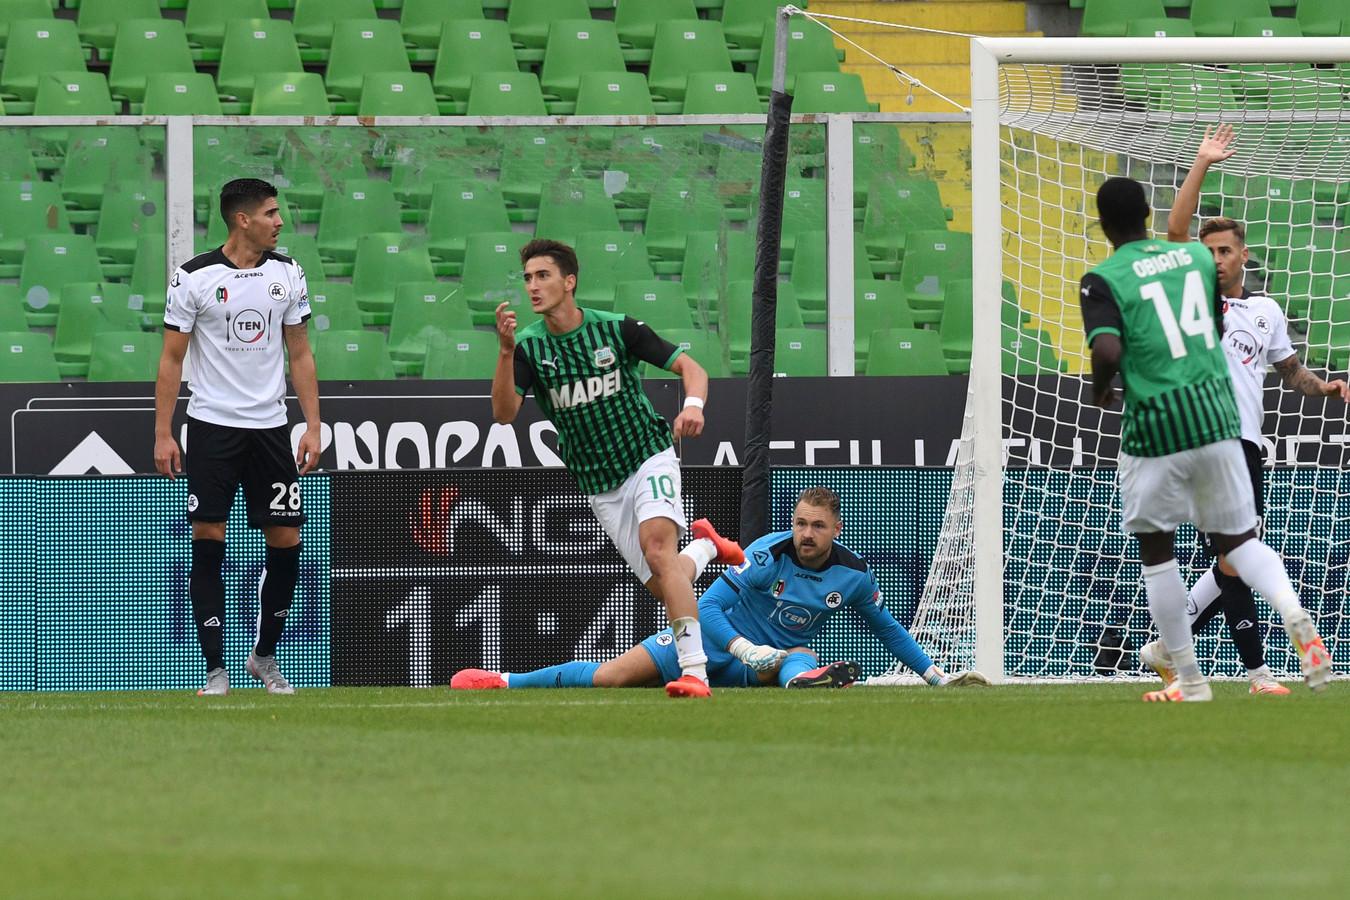 Filip Duricic, een andere oud-eredivisiespeler, heeft Jeroen Zoet verslagen voor het openingsdoelpunt van Sassuolo.